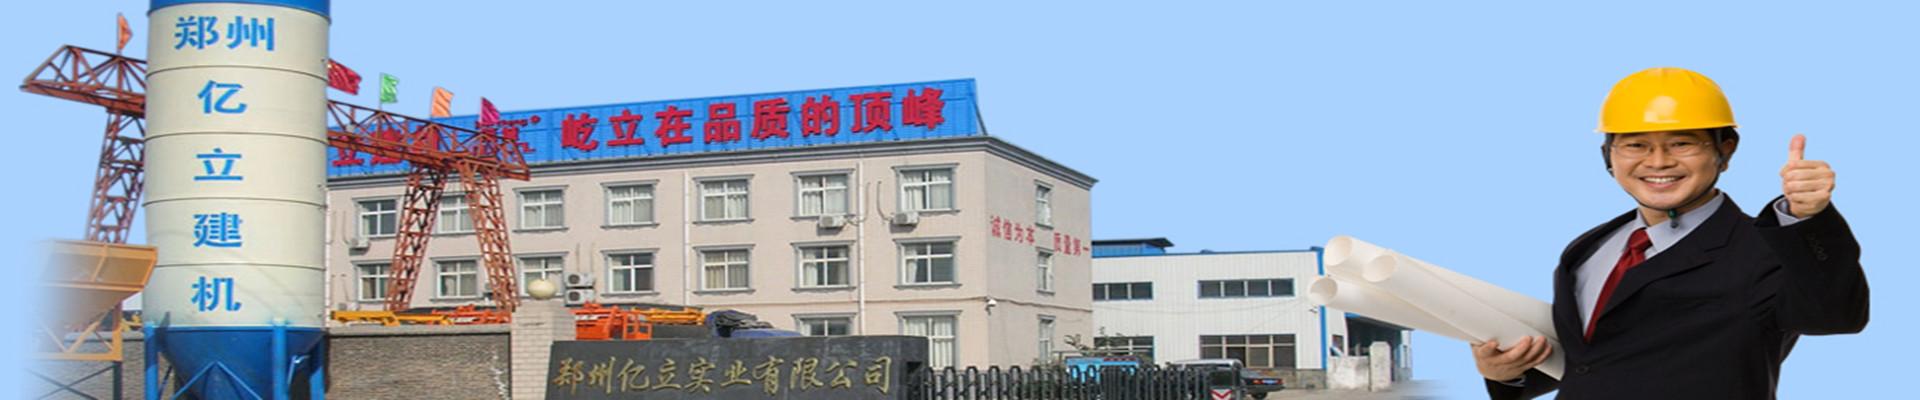 郑州亿立实业有限公司